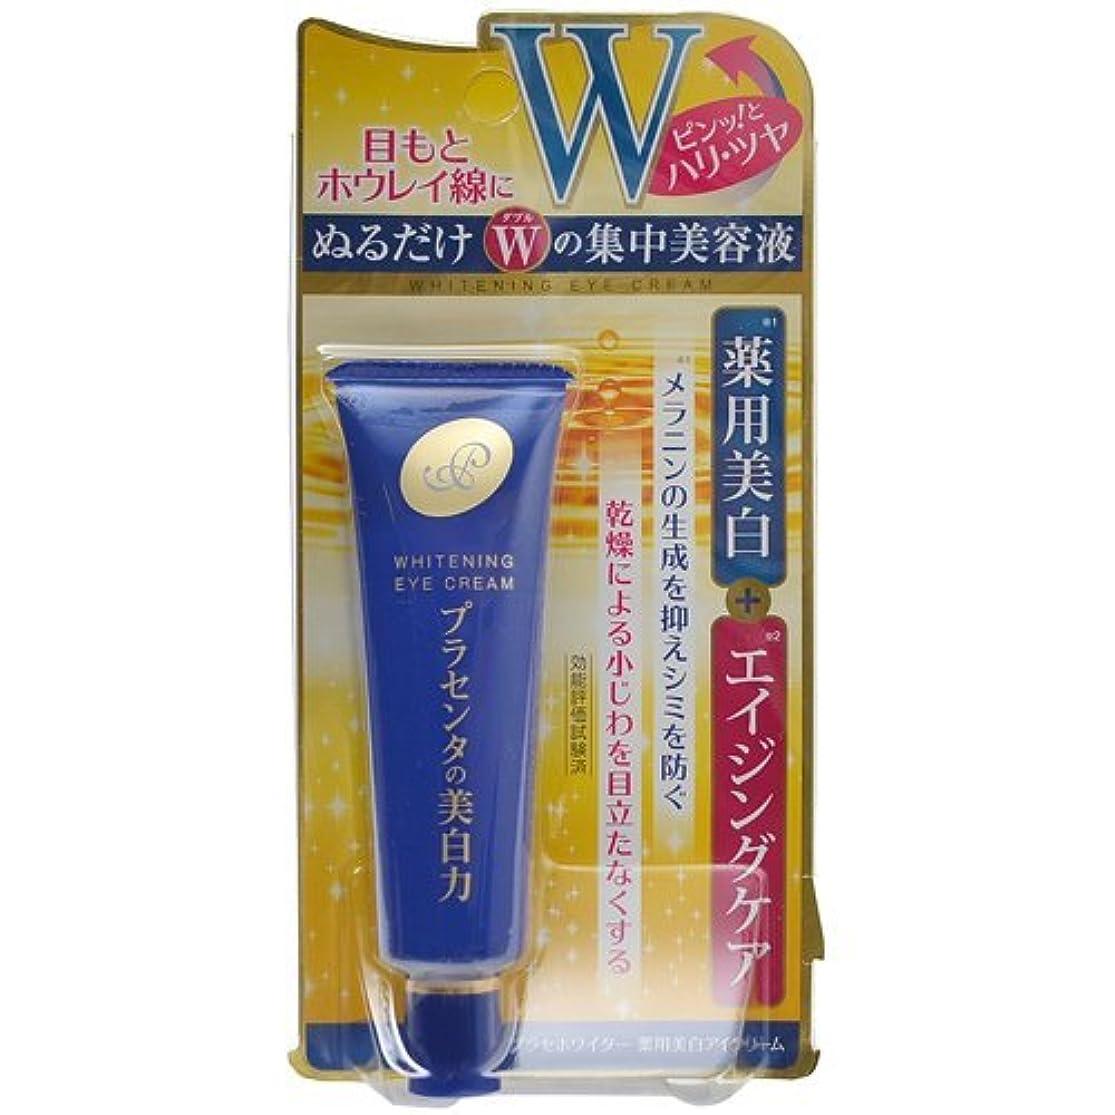 作者克服する乳白【セット品】プラセホワイター 薬用美白アイクリーム 30g (医薬部外品) ×6個